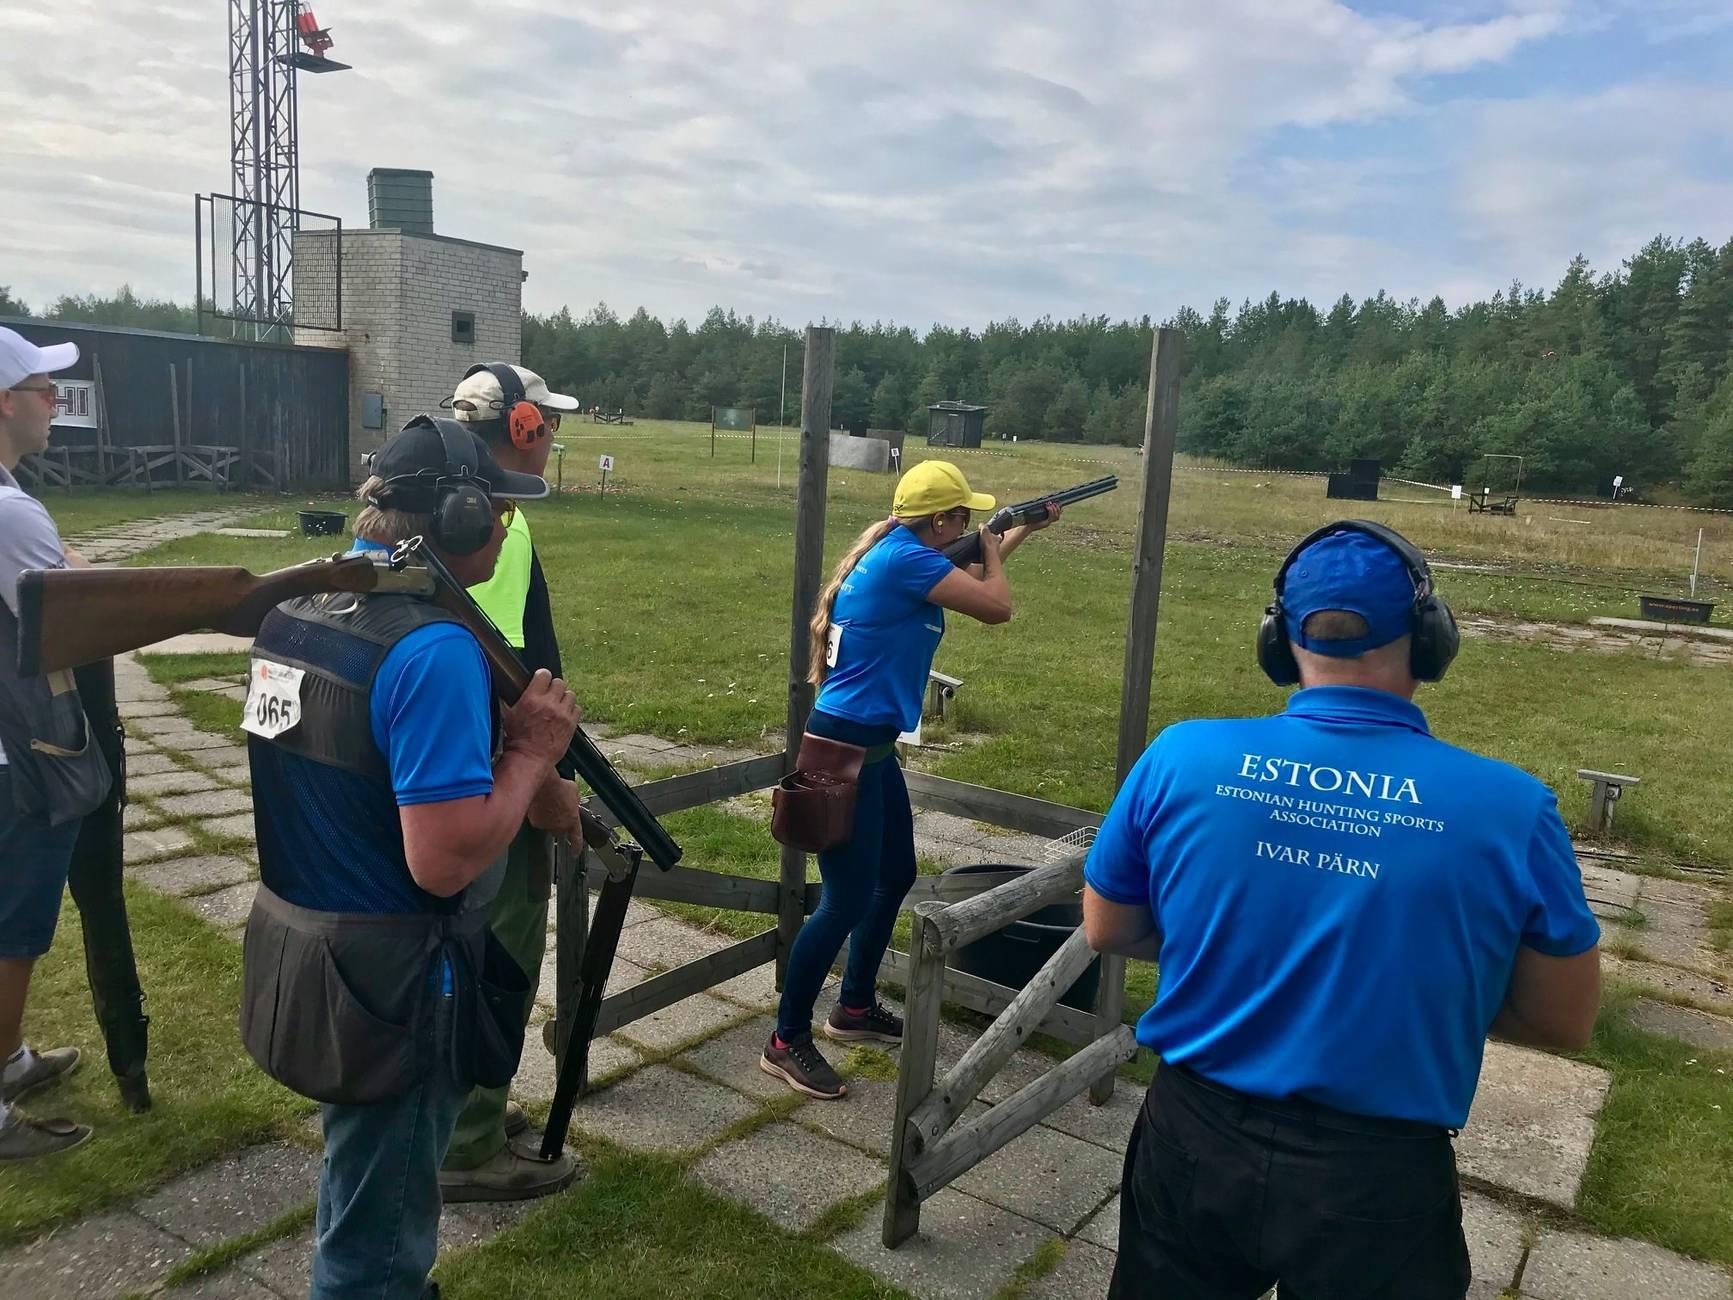 Männiku Clay Shooting Club in Tallinn,Estonia